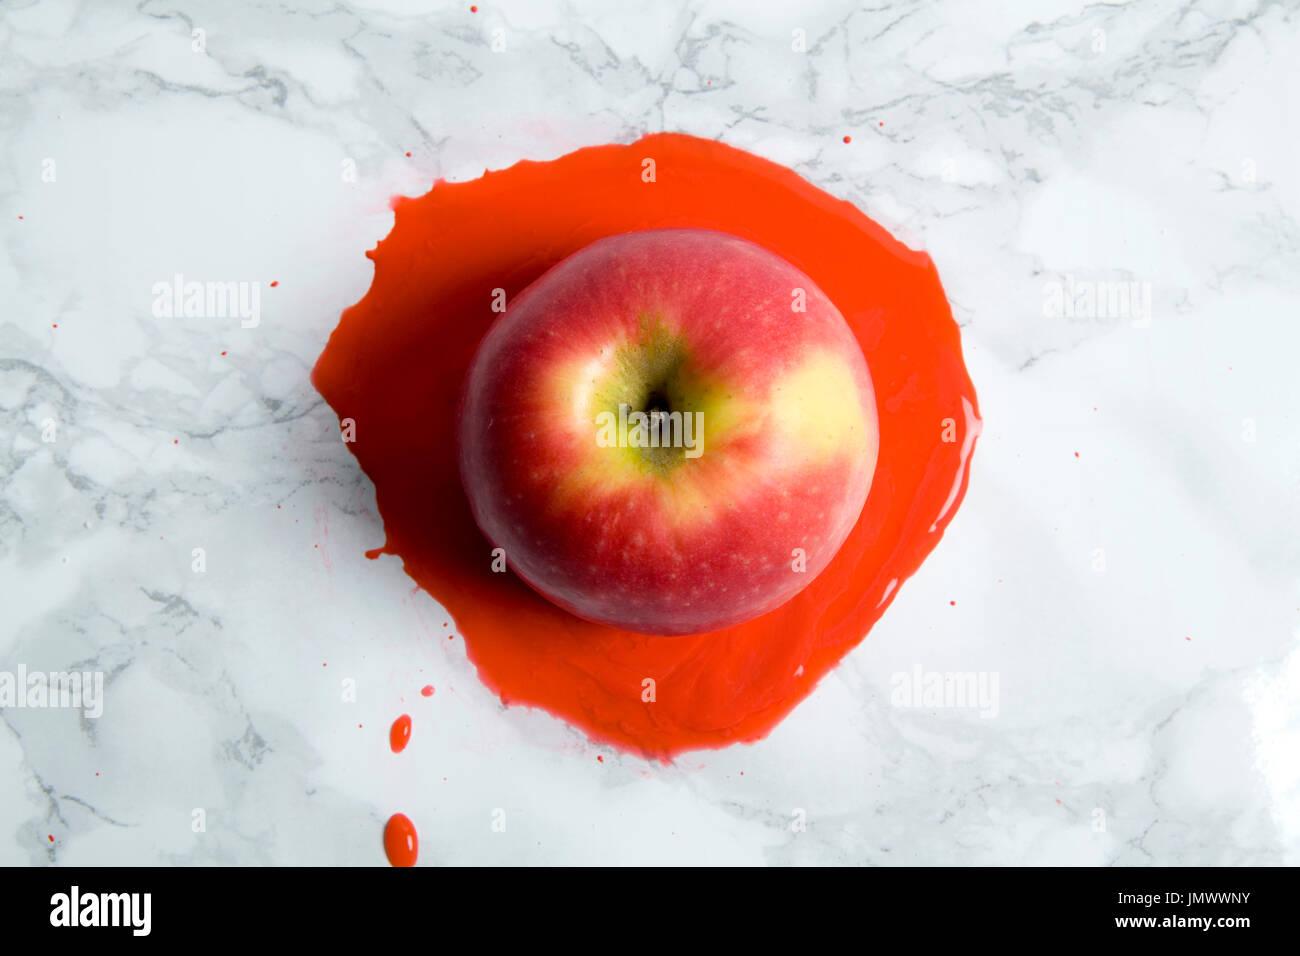 Ein Apfel auf einem Marmor Hintergrund schmelzen. minimale Farbe Still Life Fotografie Stockbild